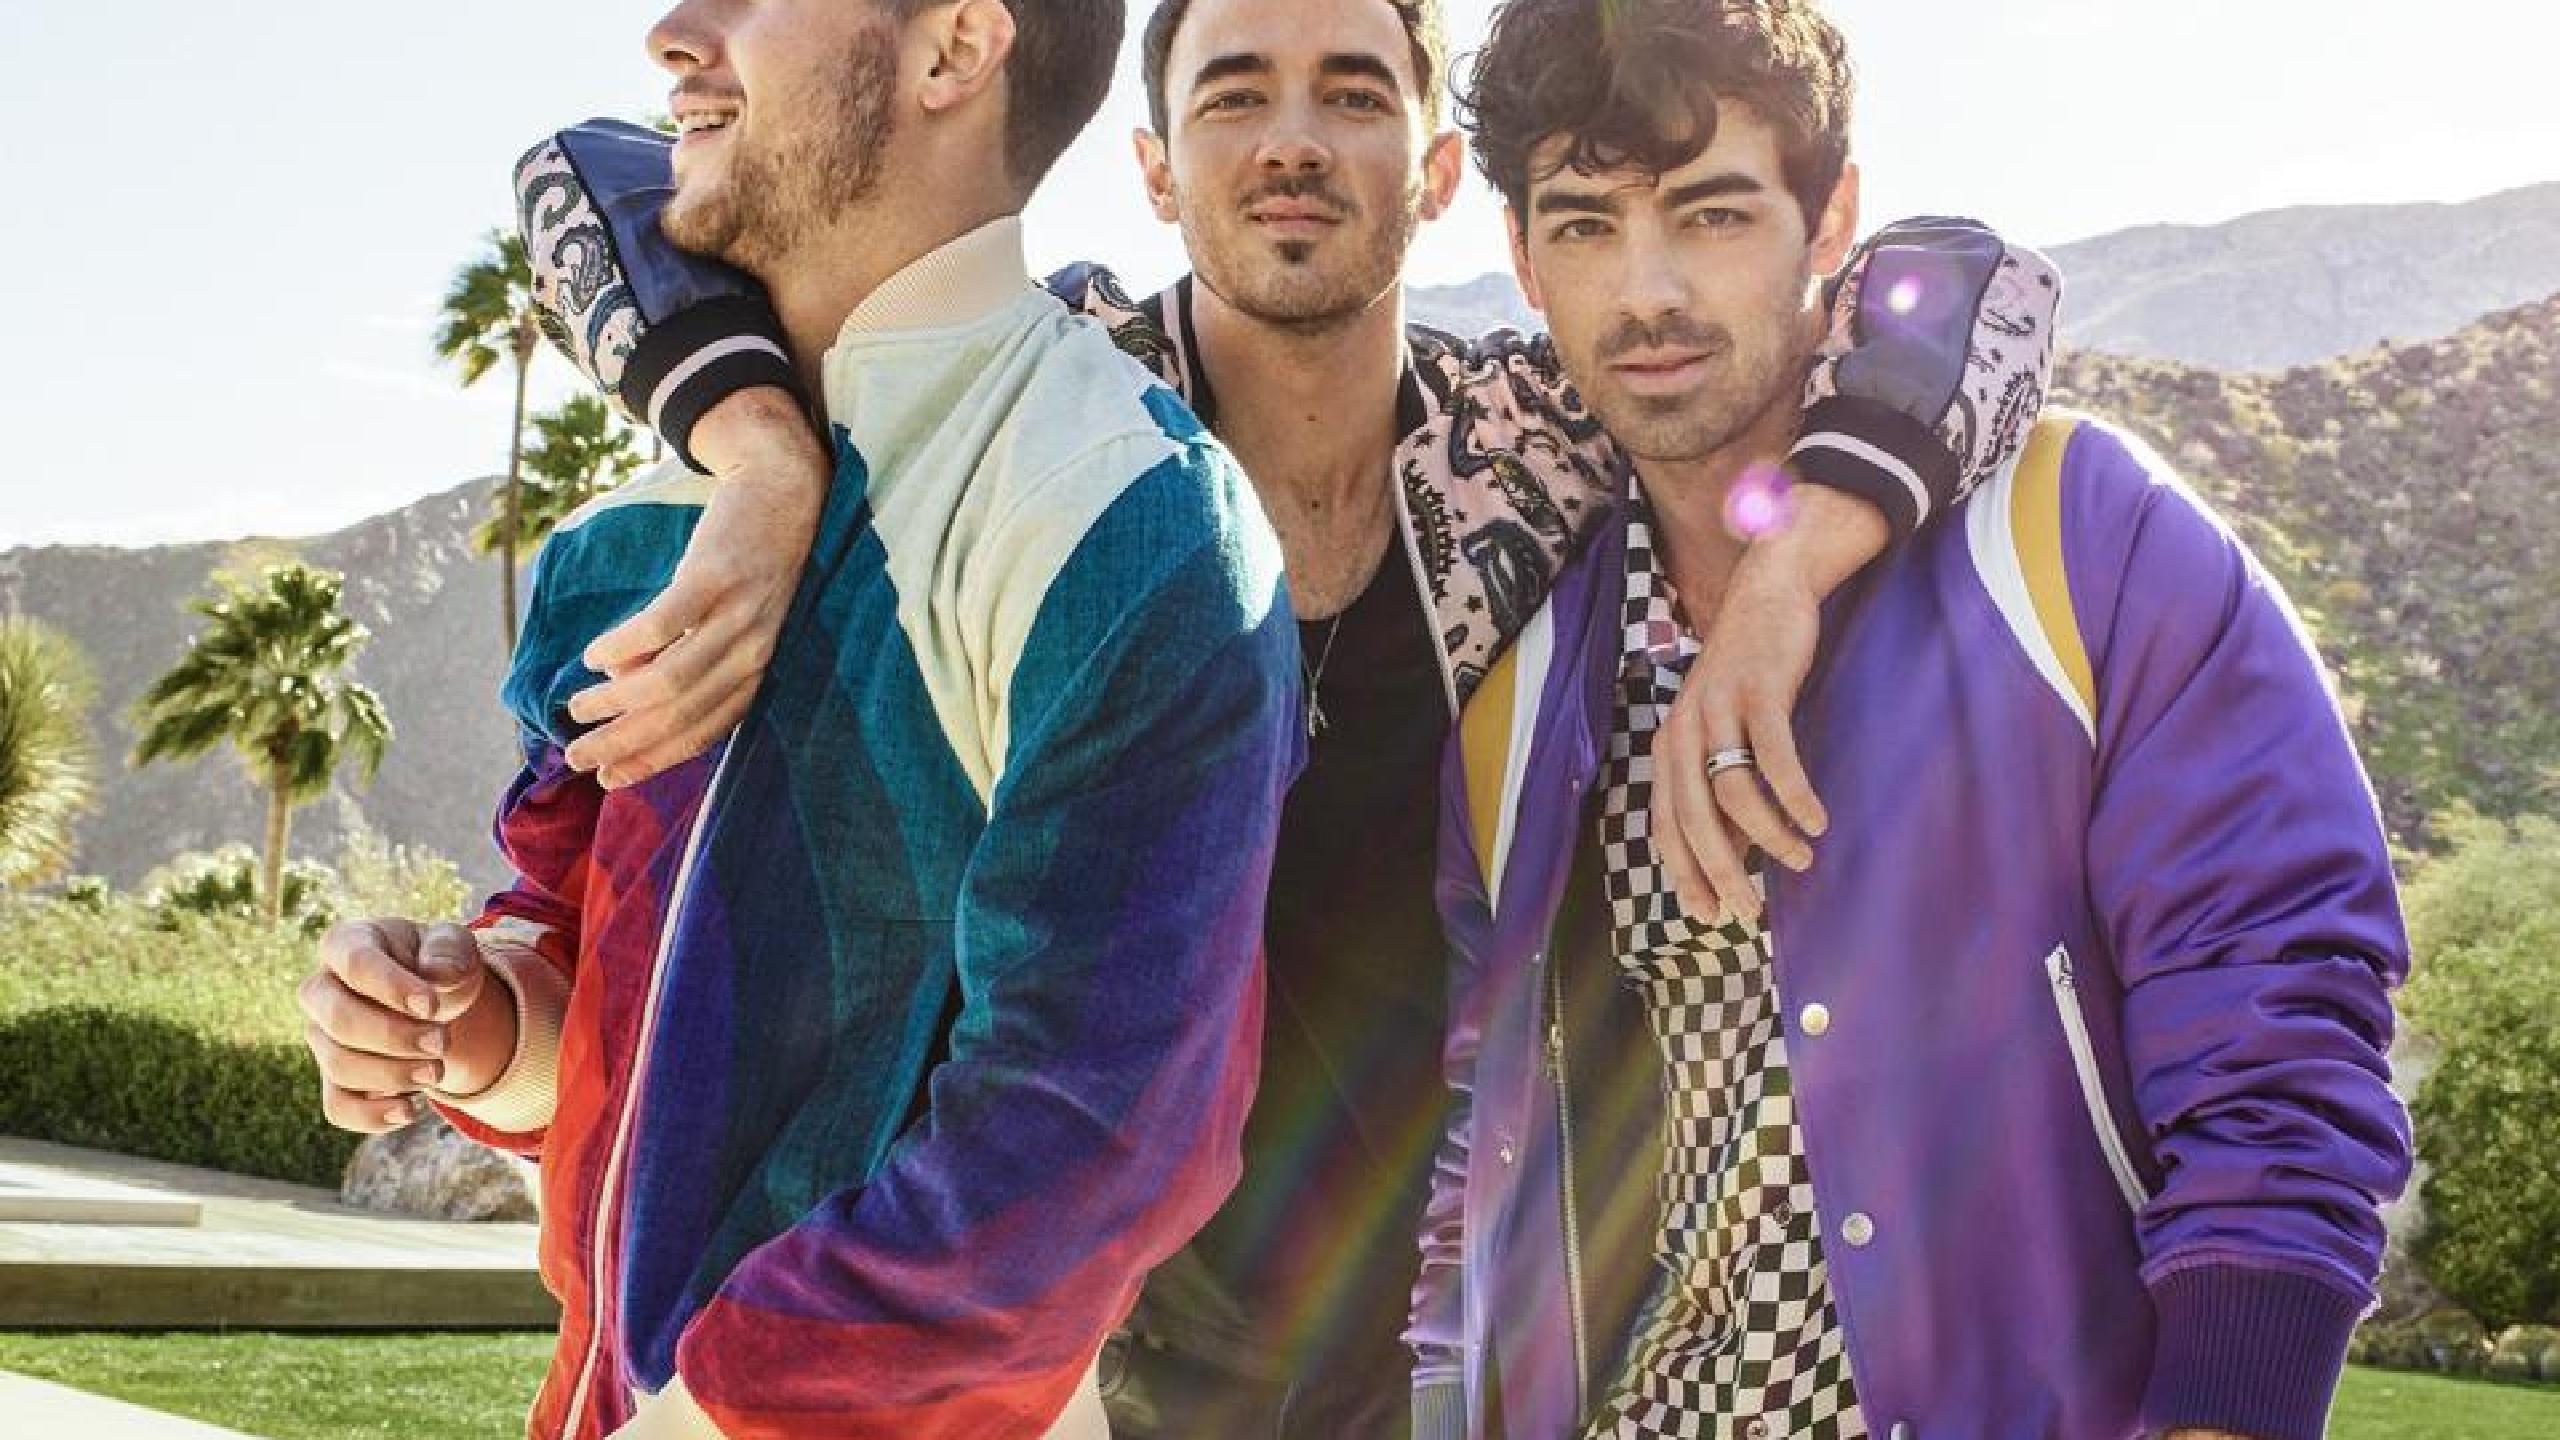 Nick Jonas Tour 2020 Jonas Brothers tour dates 2019 2020. Jonas Brothers tickets and